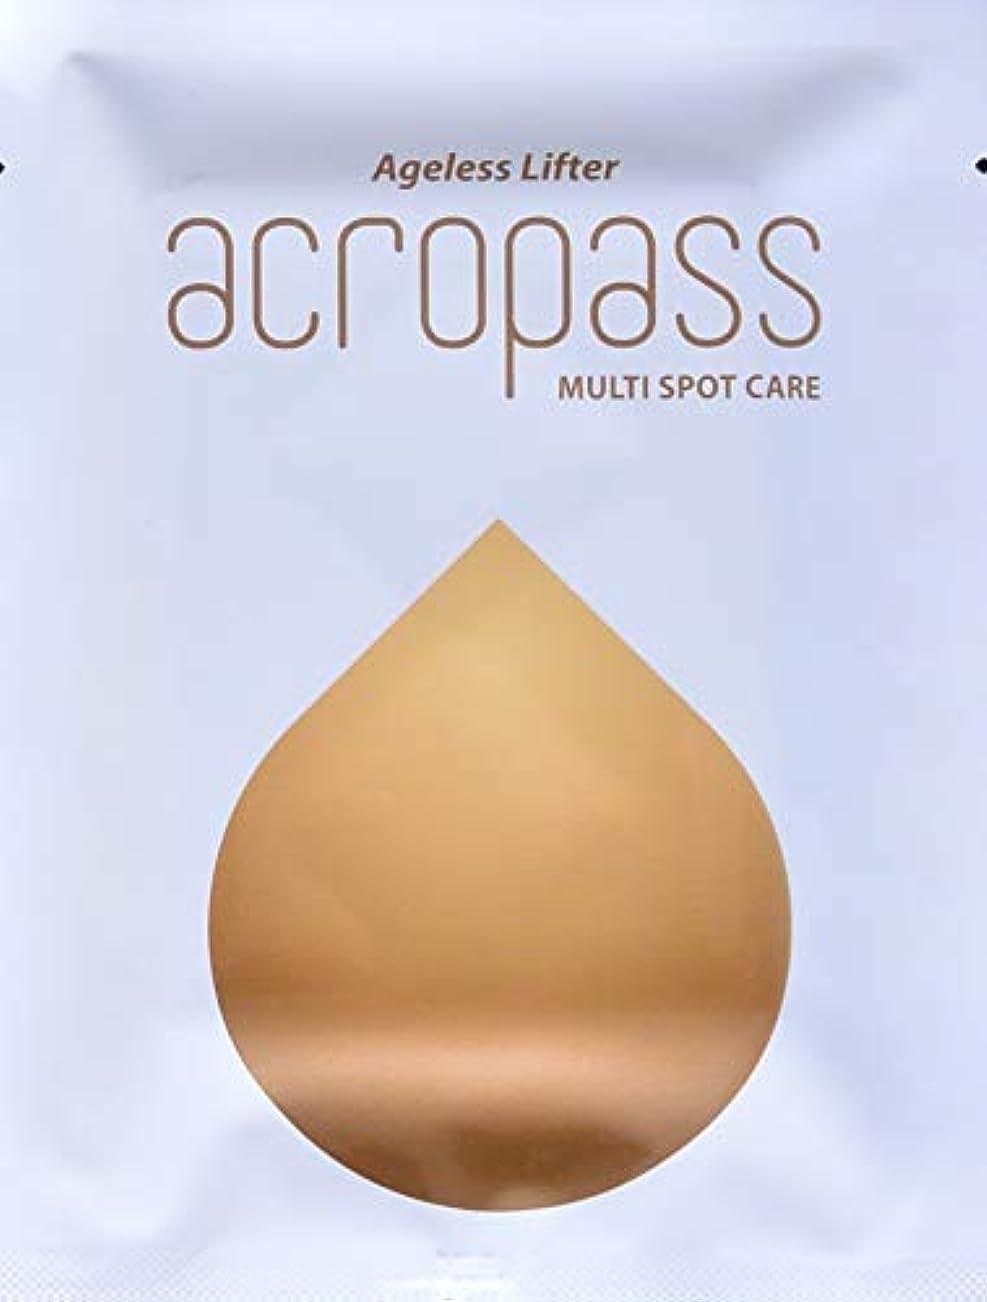 慣らす公演マッサージ★アクロパス マルチスポットケア★ 1パウチ(2枚入り)目尻や局所用アクロパス、ヒアルロン酸+EGF配合マイクロニードルパッチ。 他にお得な2パウチセットもございます